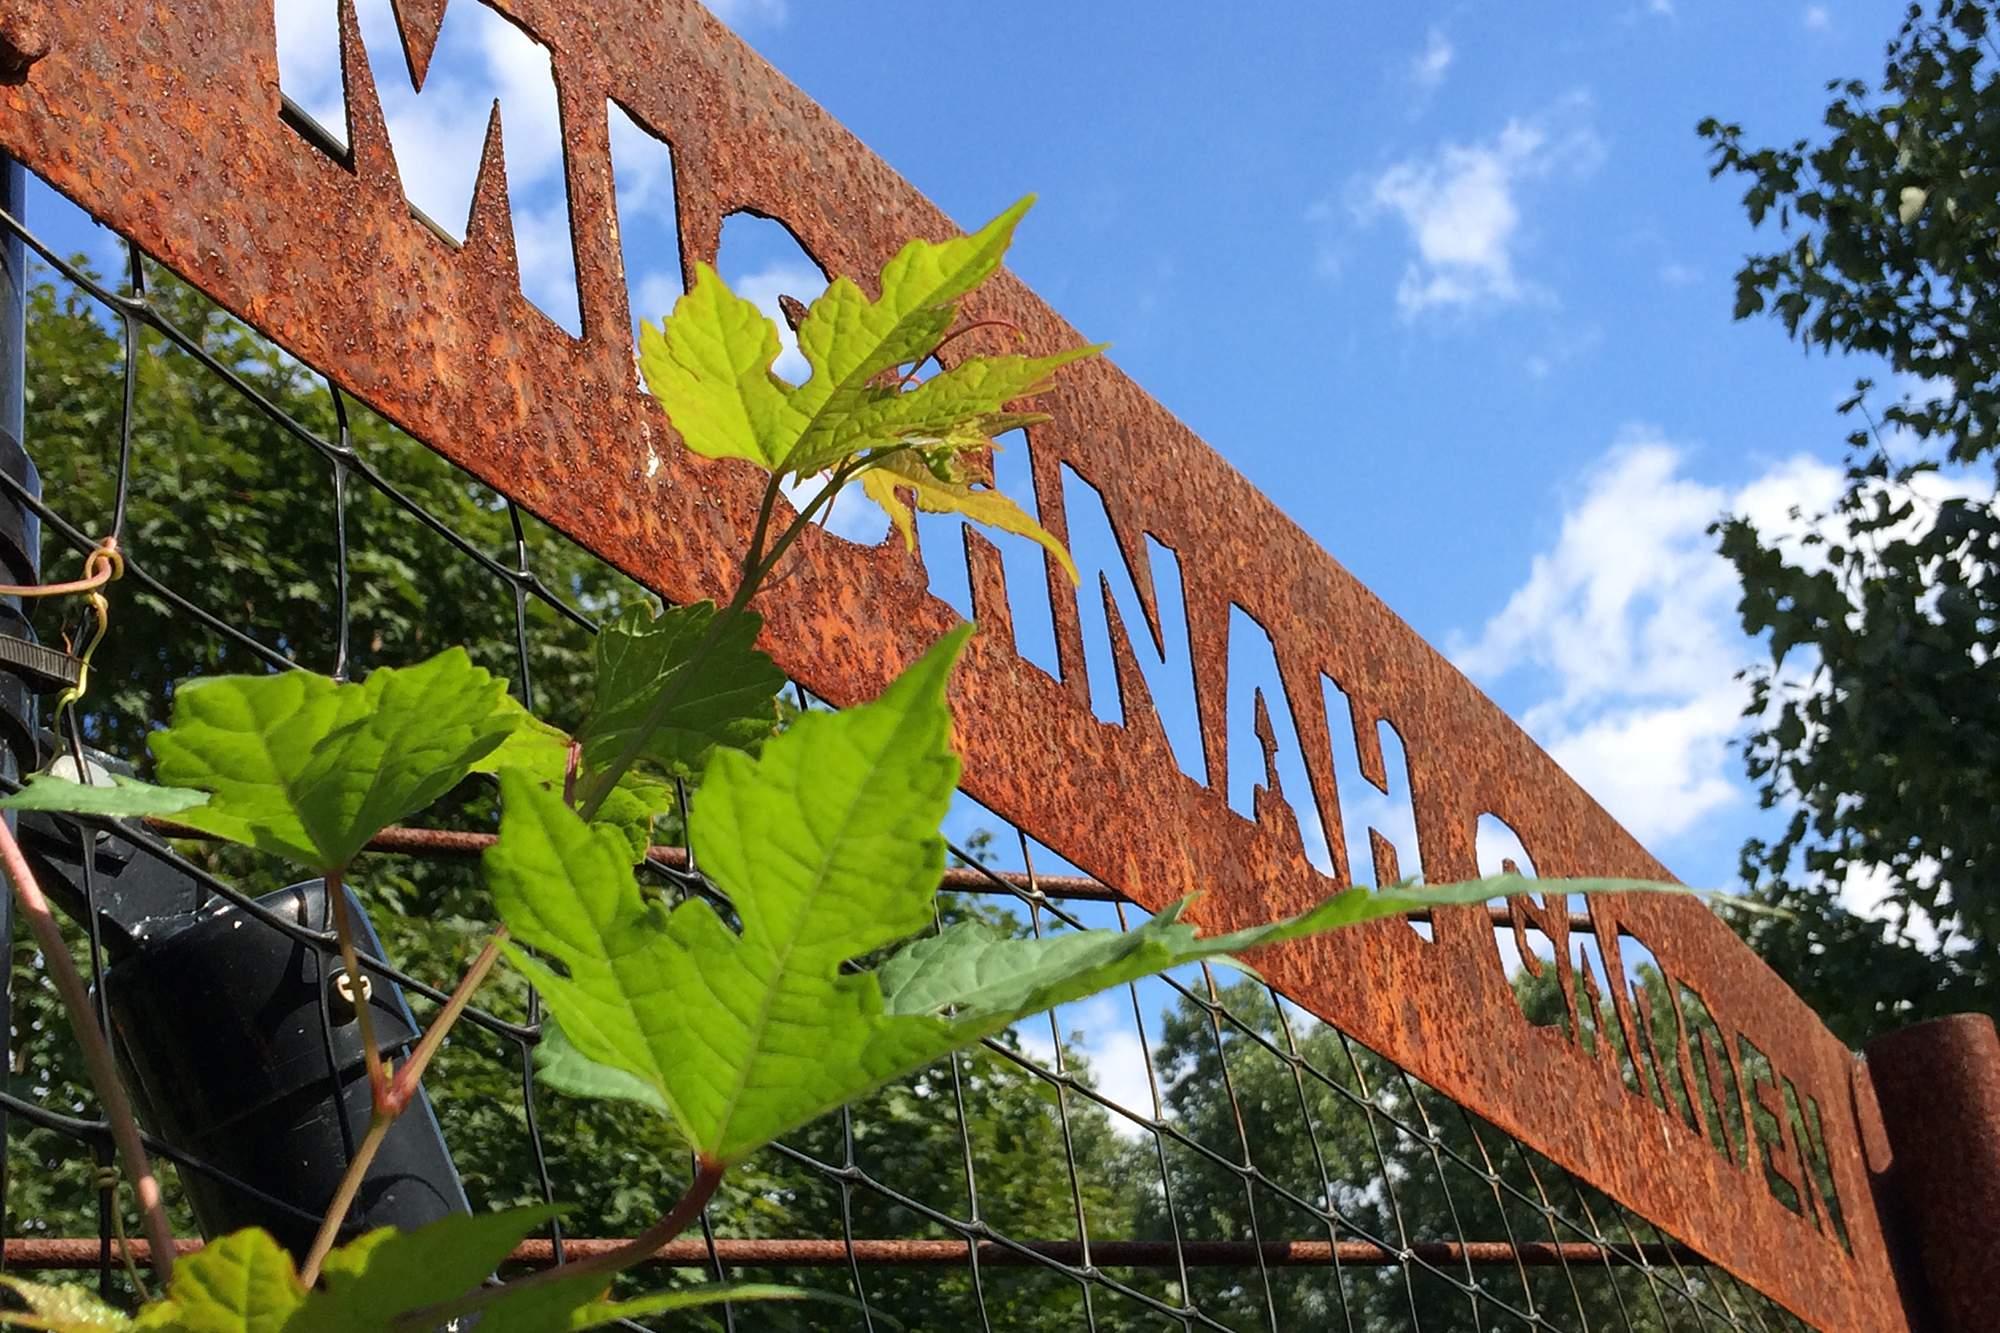 Mishnah Garden